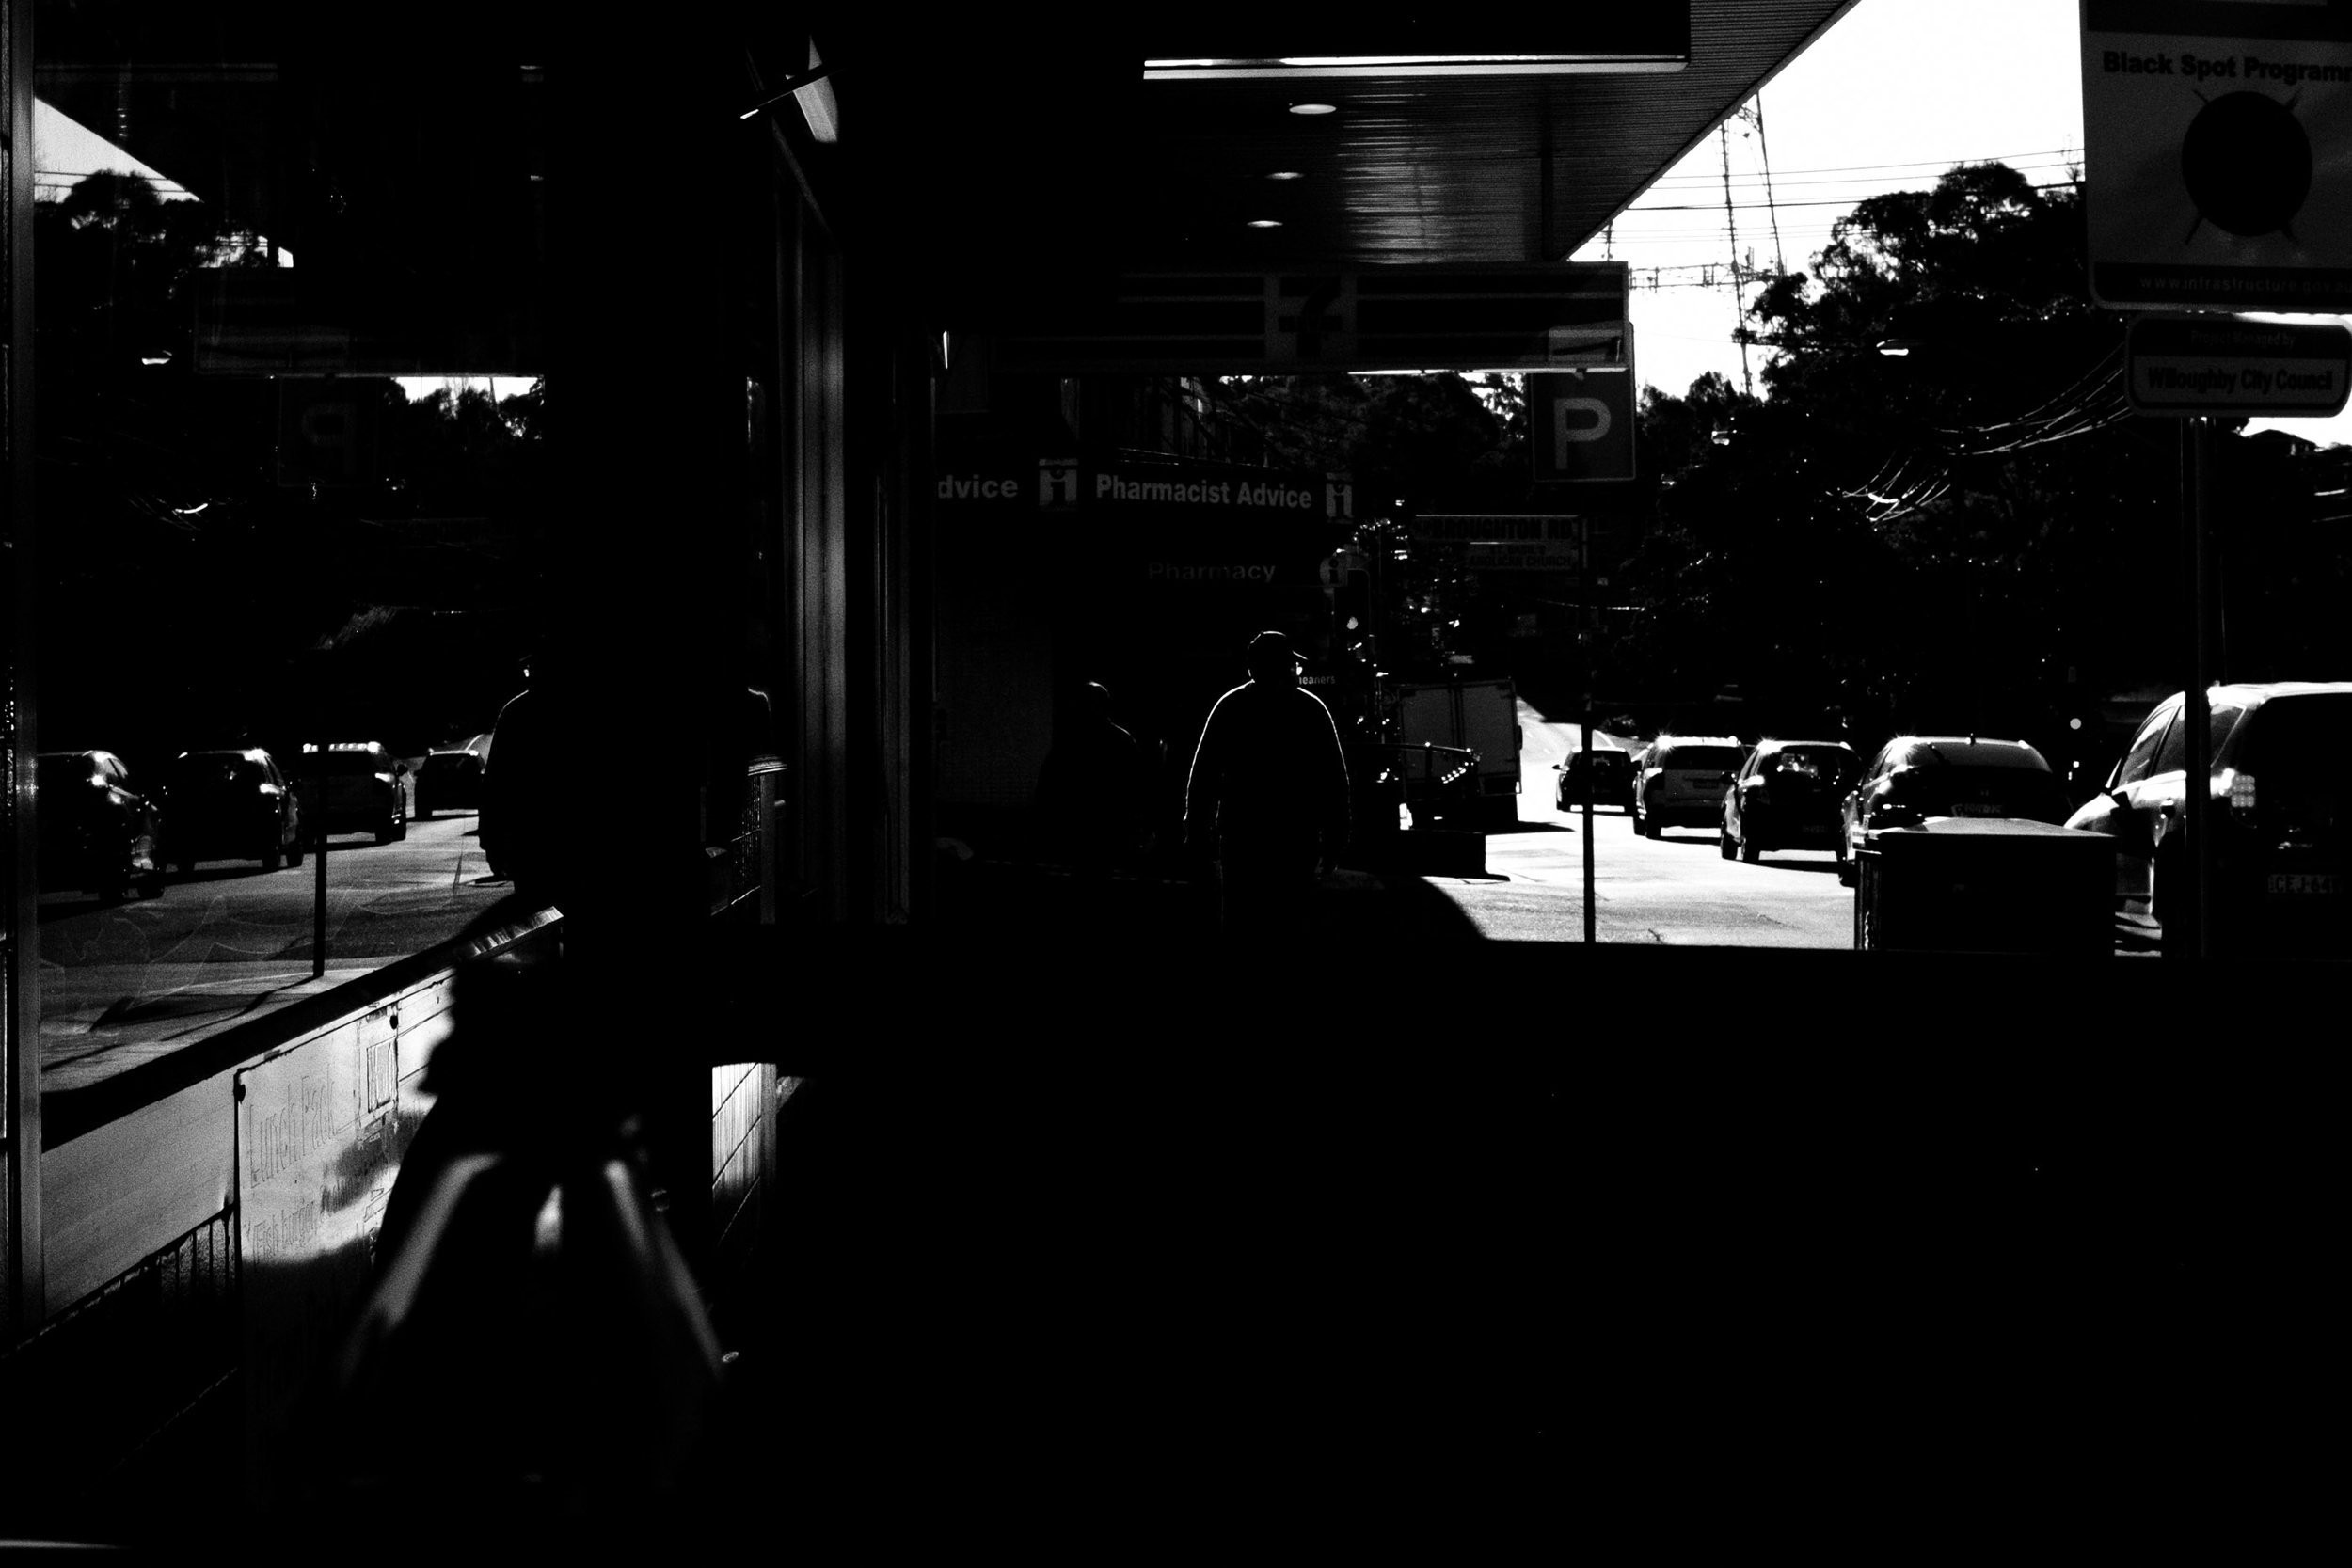 Street - Artarmon (1 of 1).jpg